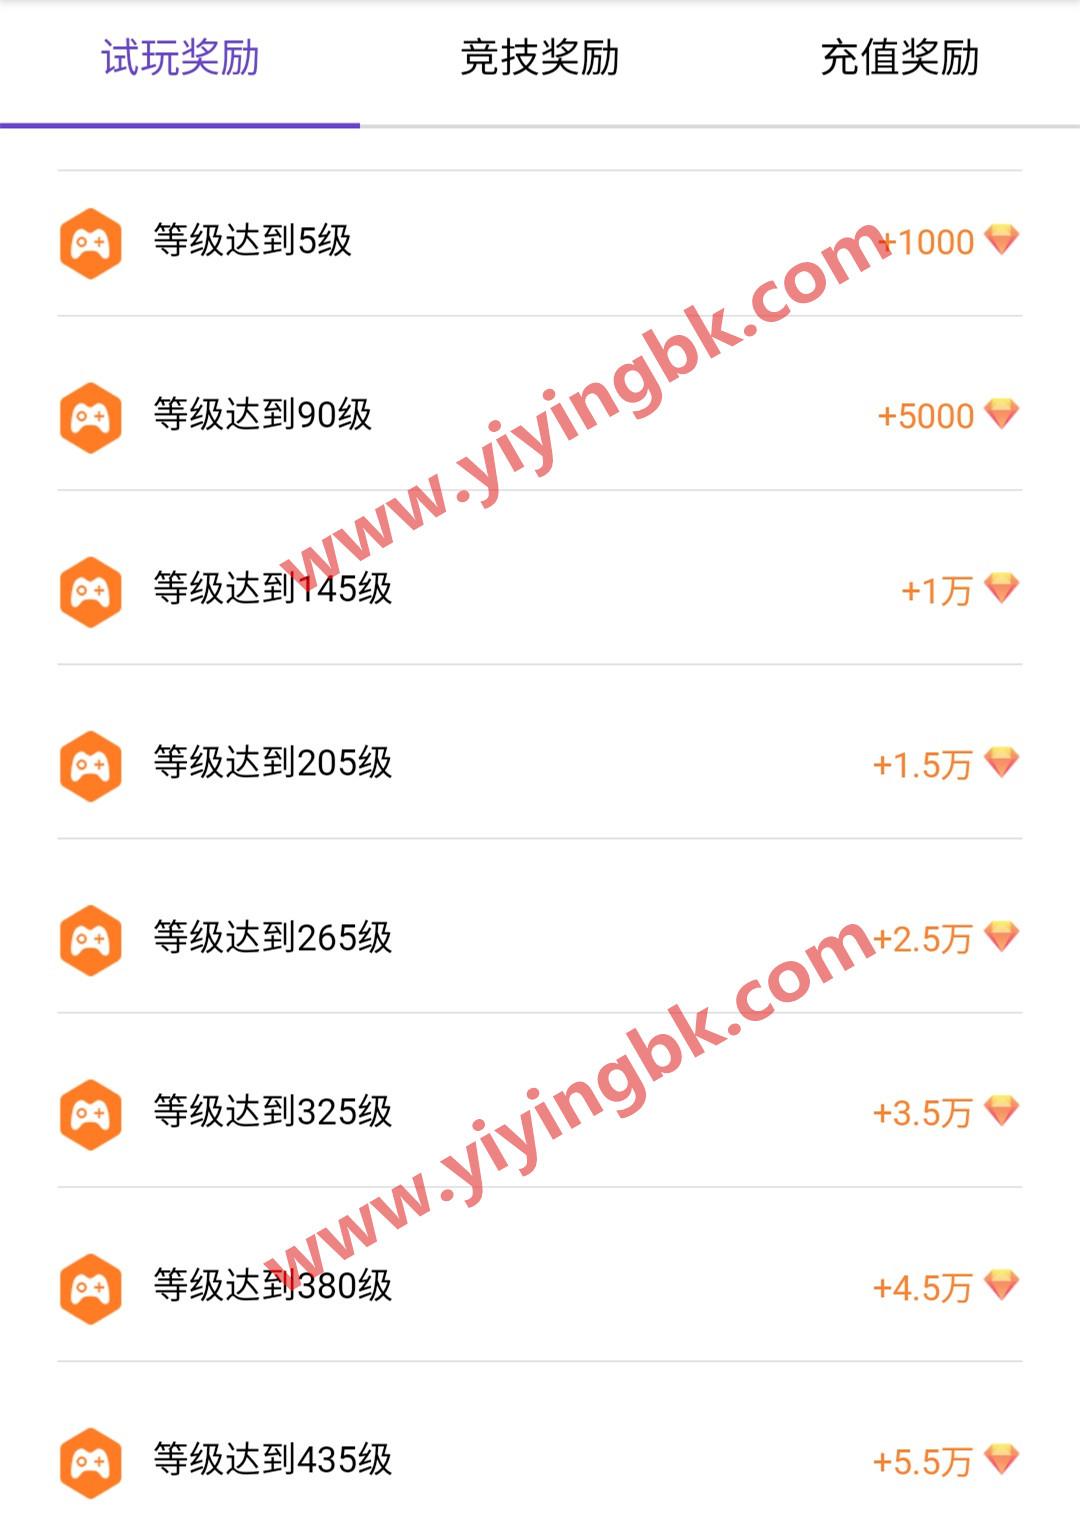 玩手游领微信支付宝红包,凤舞江湖奖励。